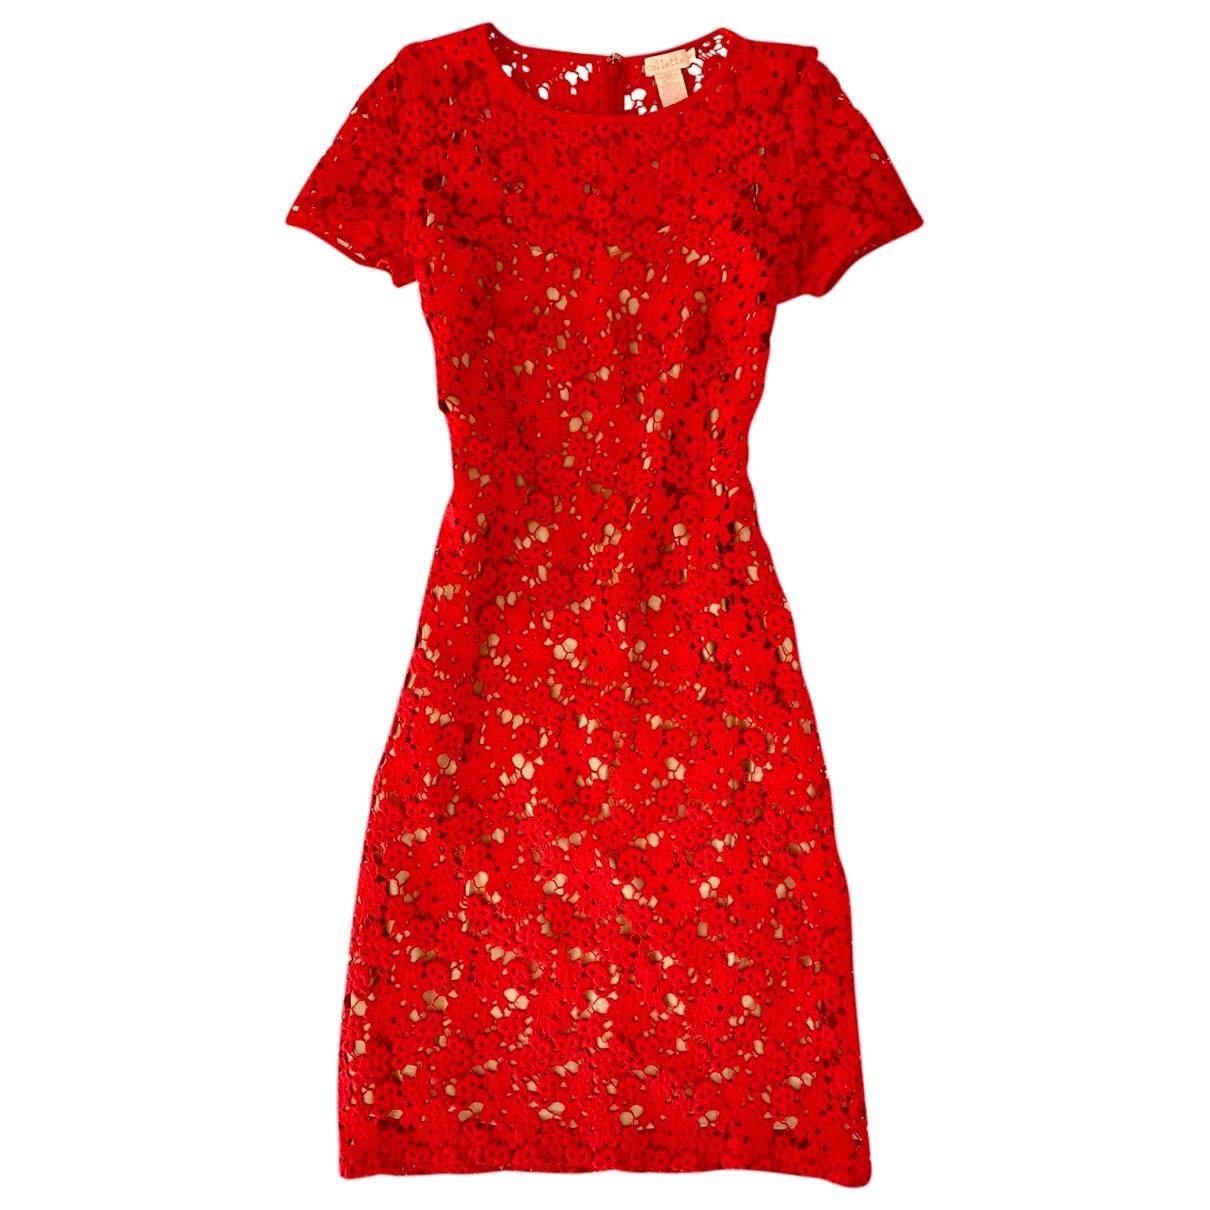 Collette Dinnigan \N Kleid in  Rot Spitze